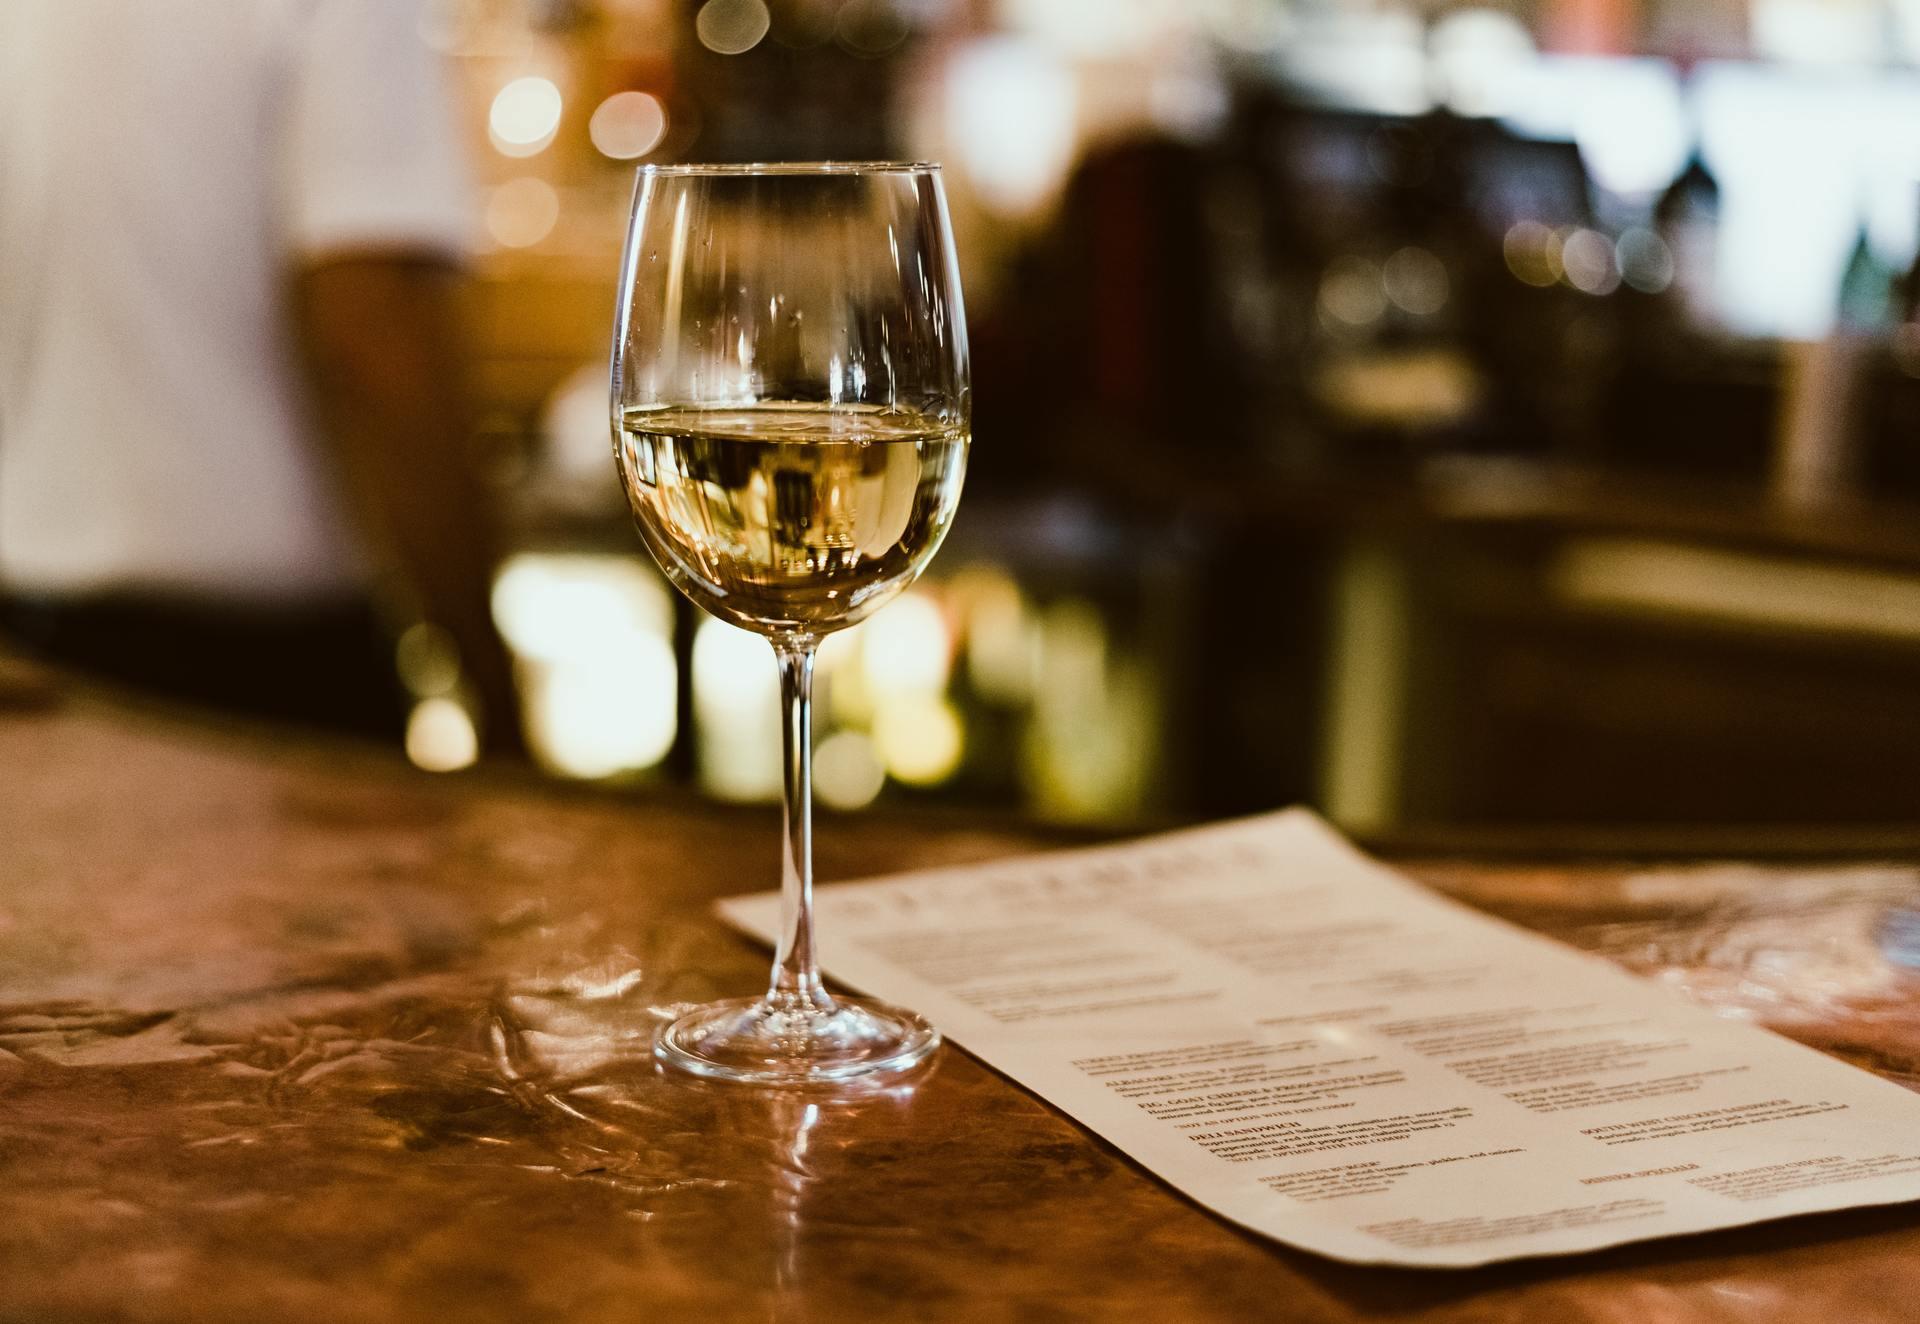 Een wijnglas met witte wijn